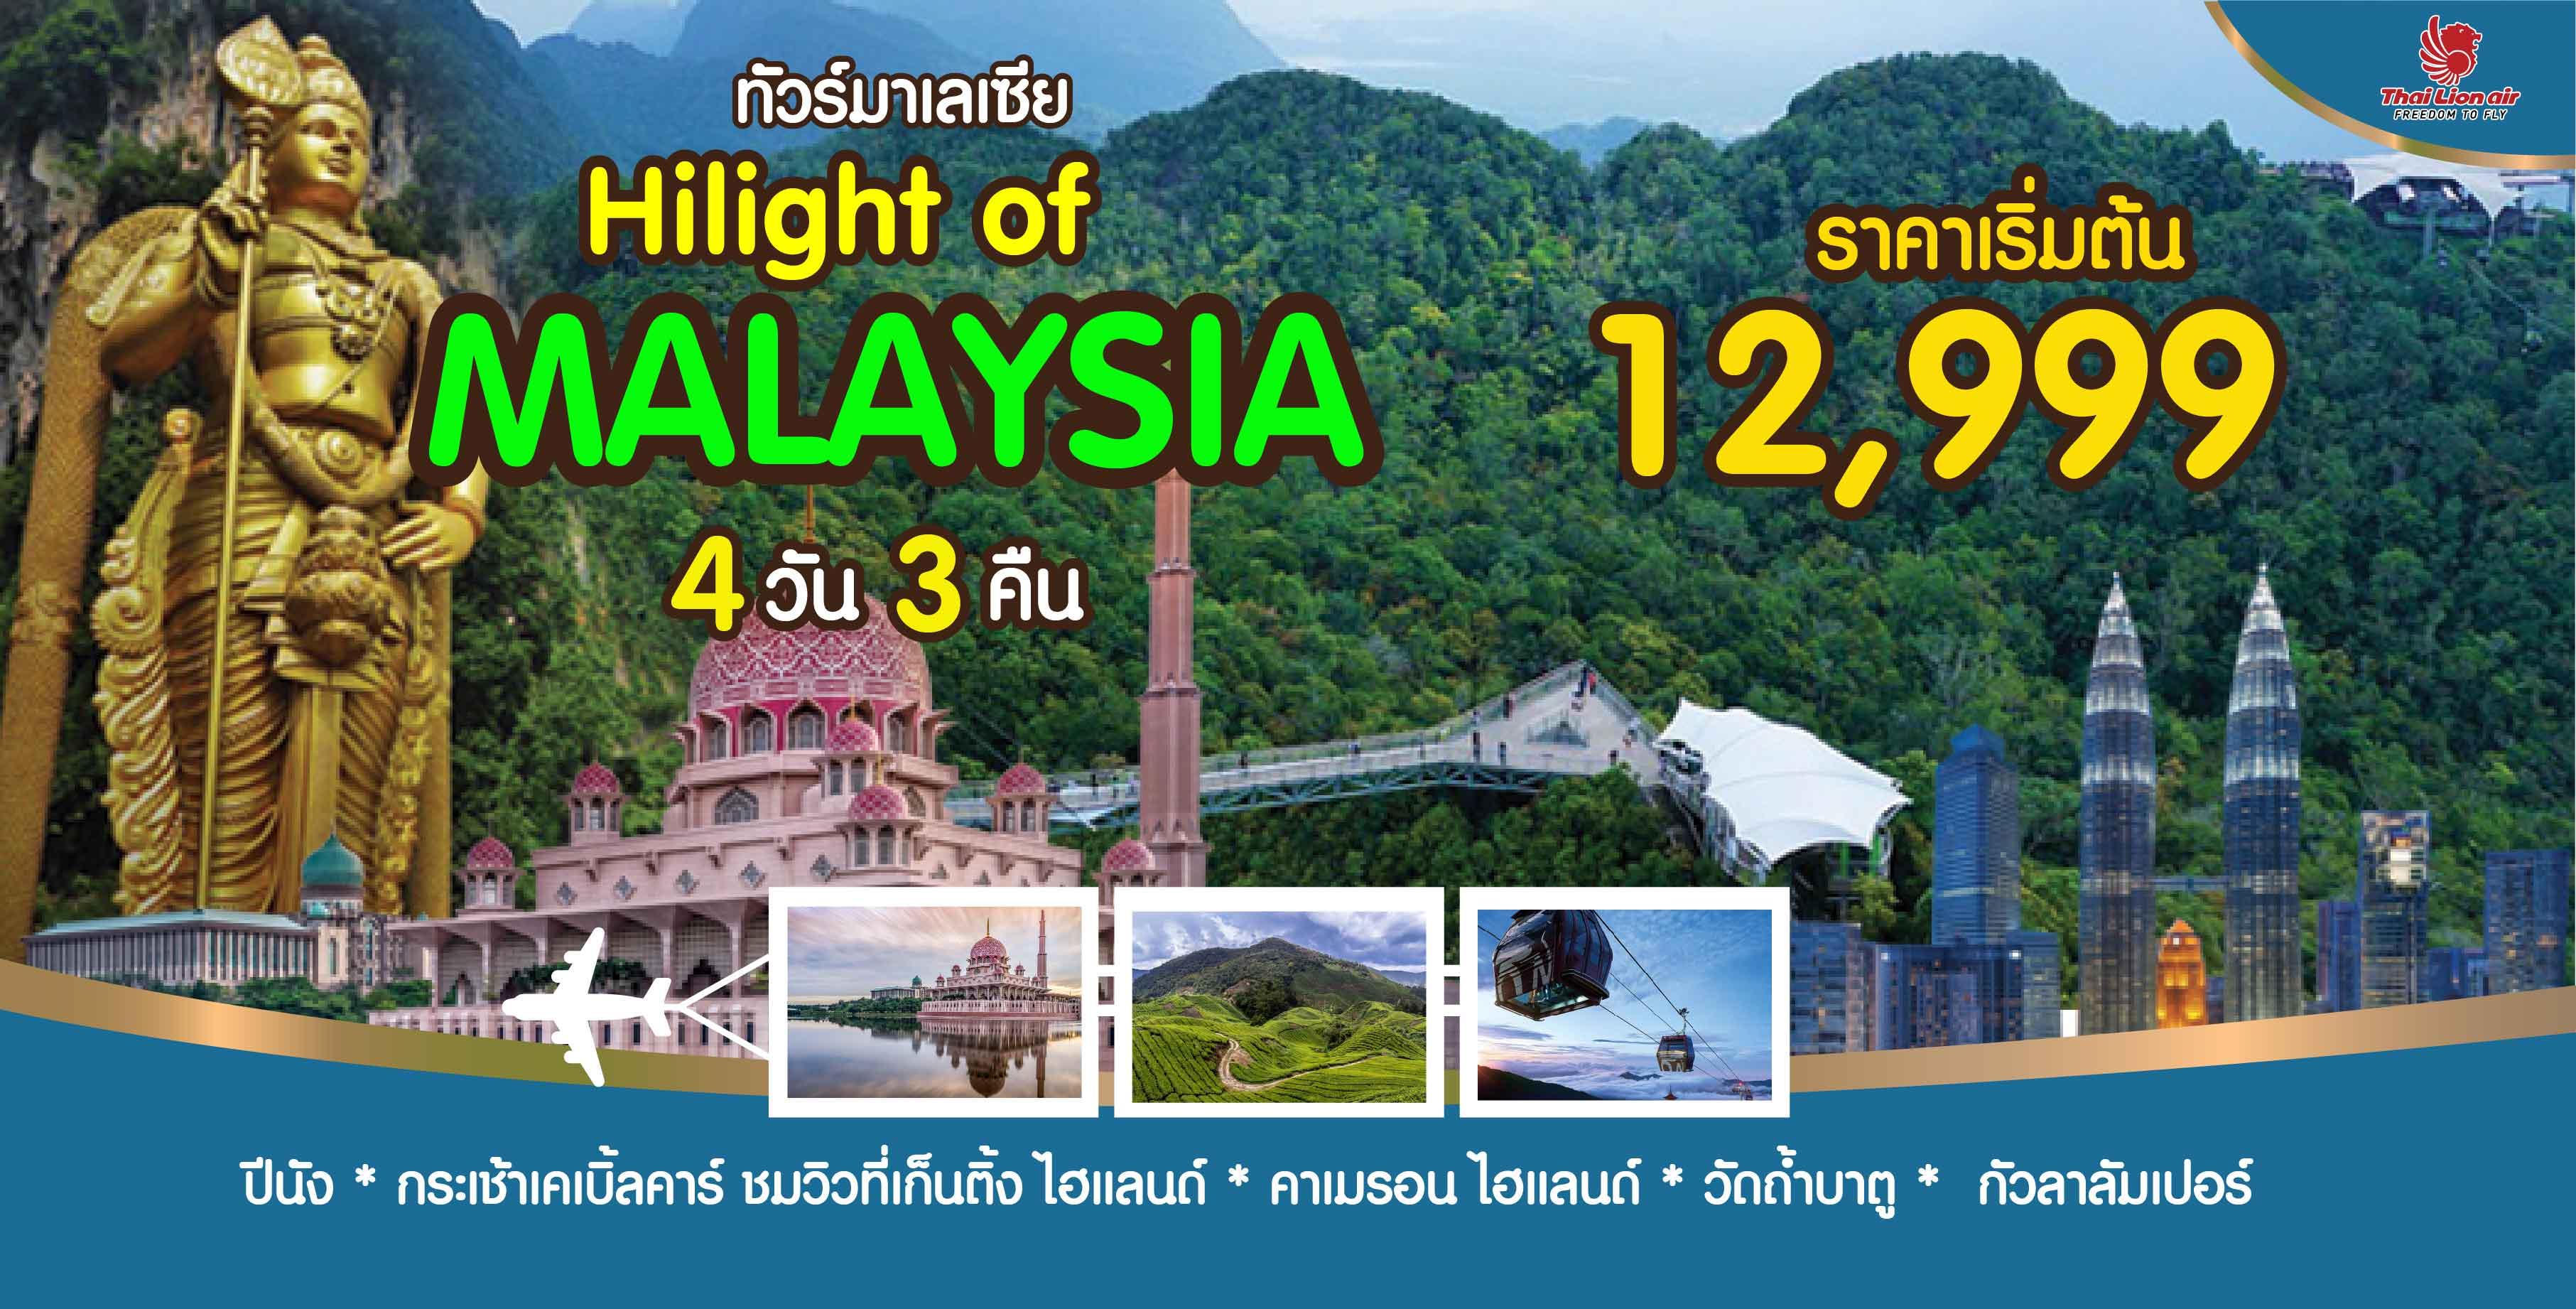 ทัวร์มาเลเซีย Hilightof of Malaysia 4วัน 3คืน บินไทยไลอ้อนแอร์(SL)